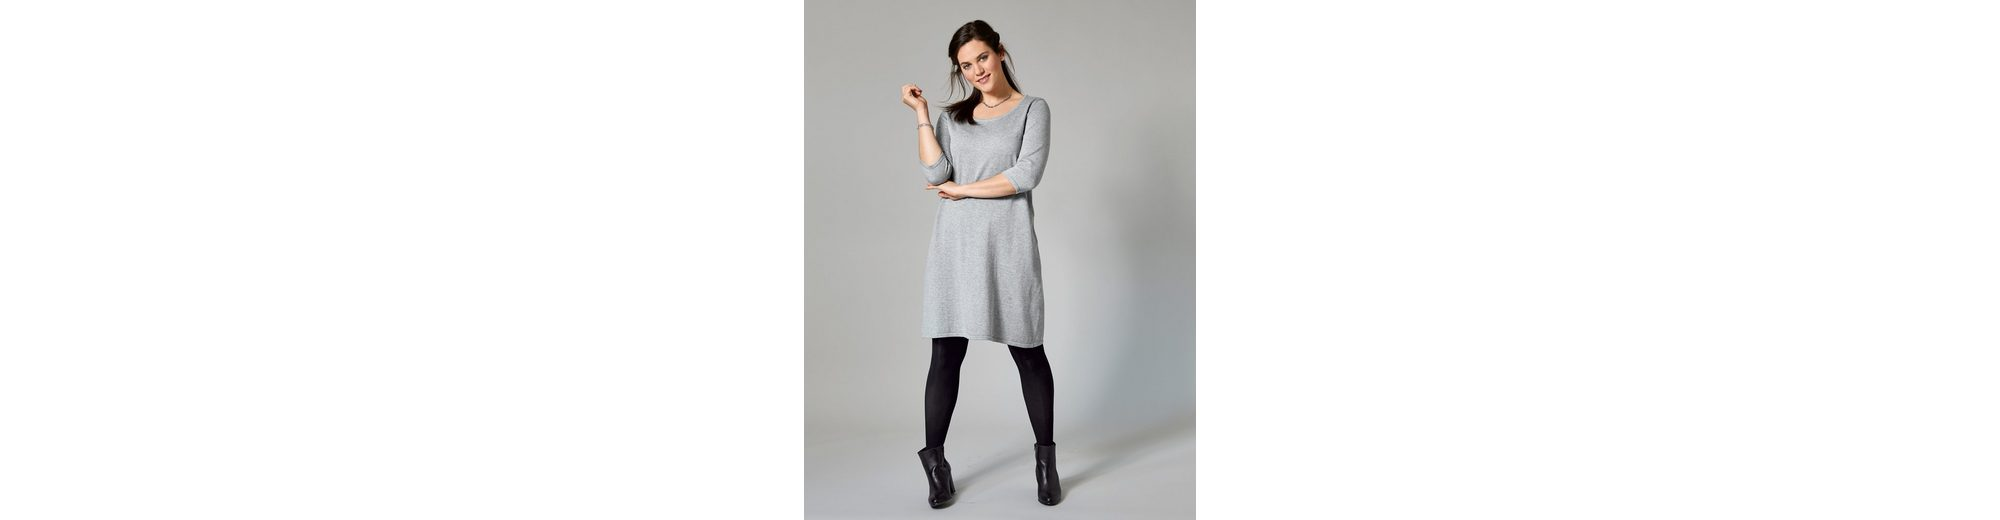 Spielraum Großer Rabatt Janet und Joyce by Happy Size Kleid Offizielle Seite Online Anzuzeigen Günstigen Preis Auslass-Angebote Sehr Billig Zu Verkaufen XL4tgNLAfl